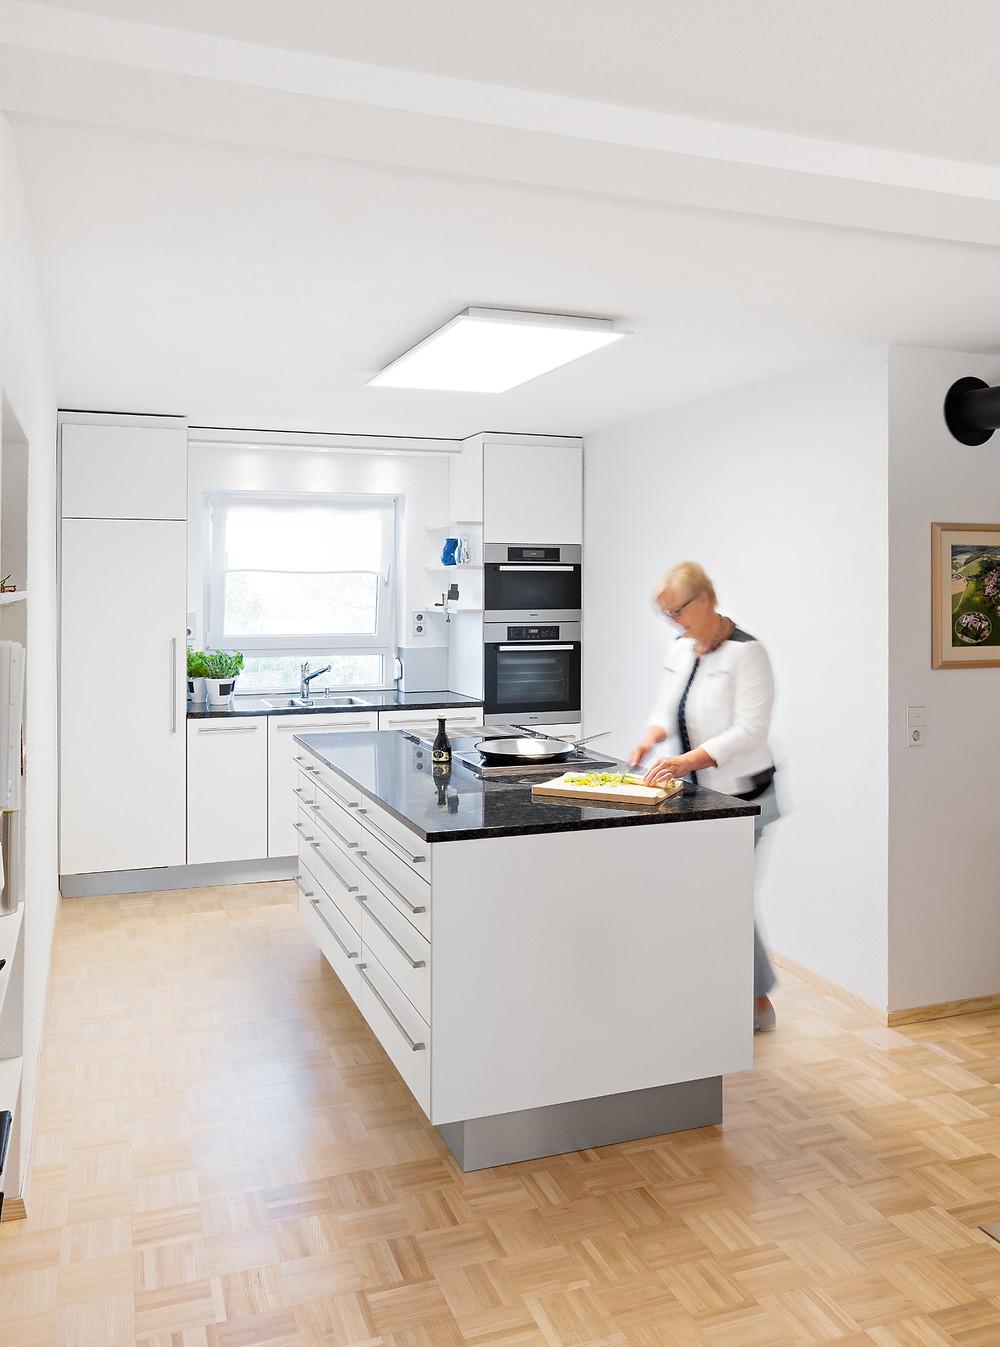 Weiße Küche mit dunkler Arbeitsplatte in ergonomischer Höhe